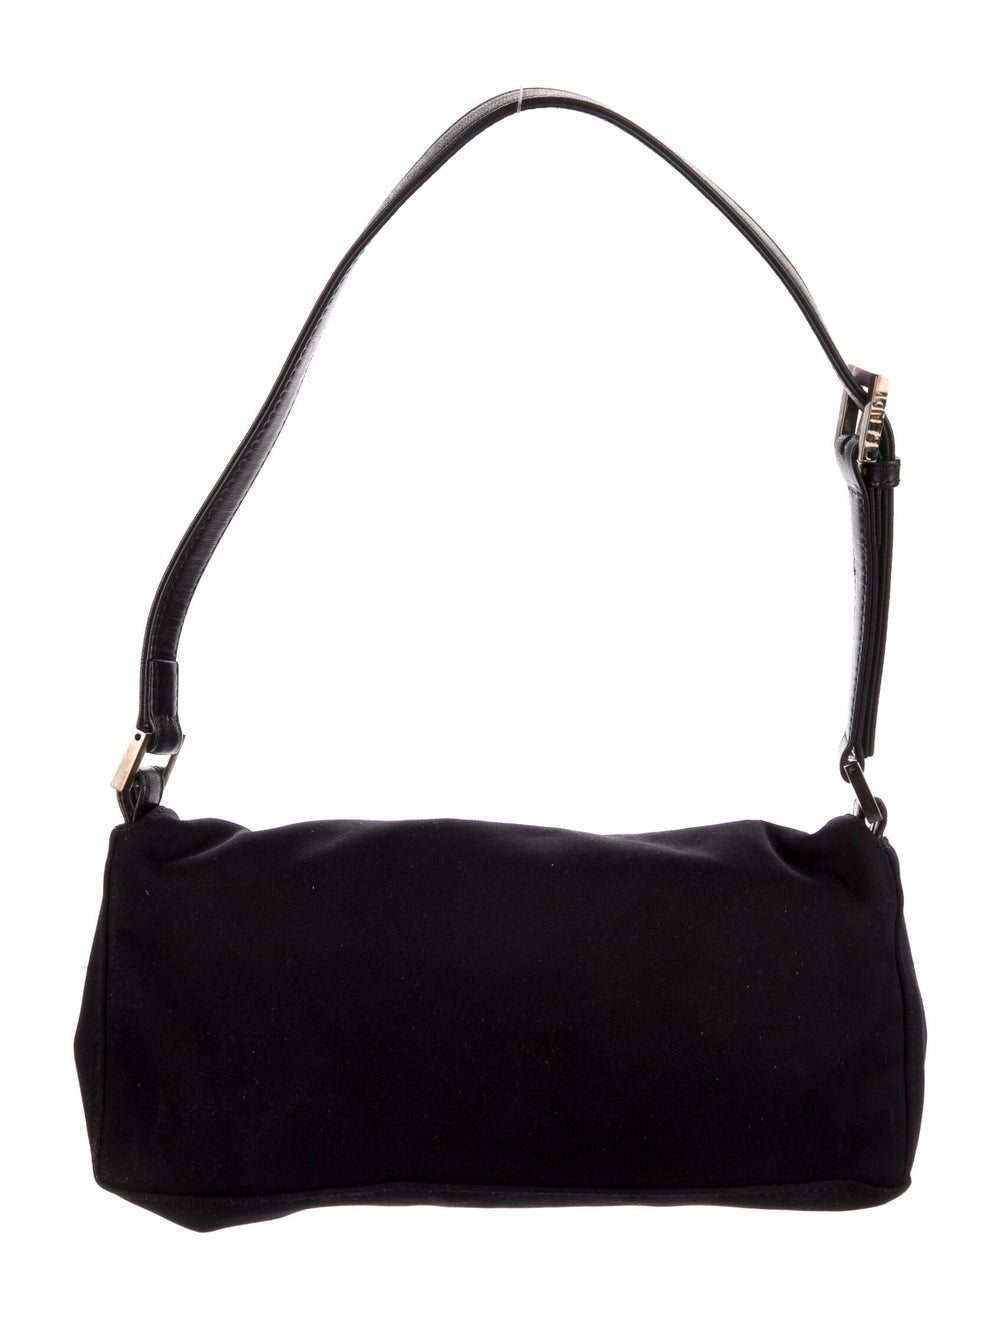 Fendi Leather-Trimmed Nylon Shoulder Bag Black - image 4